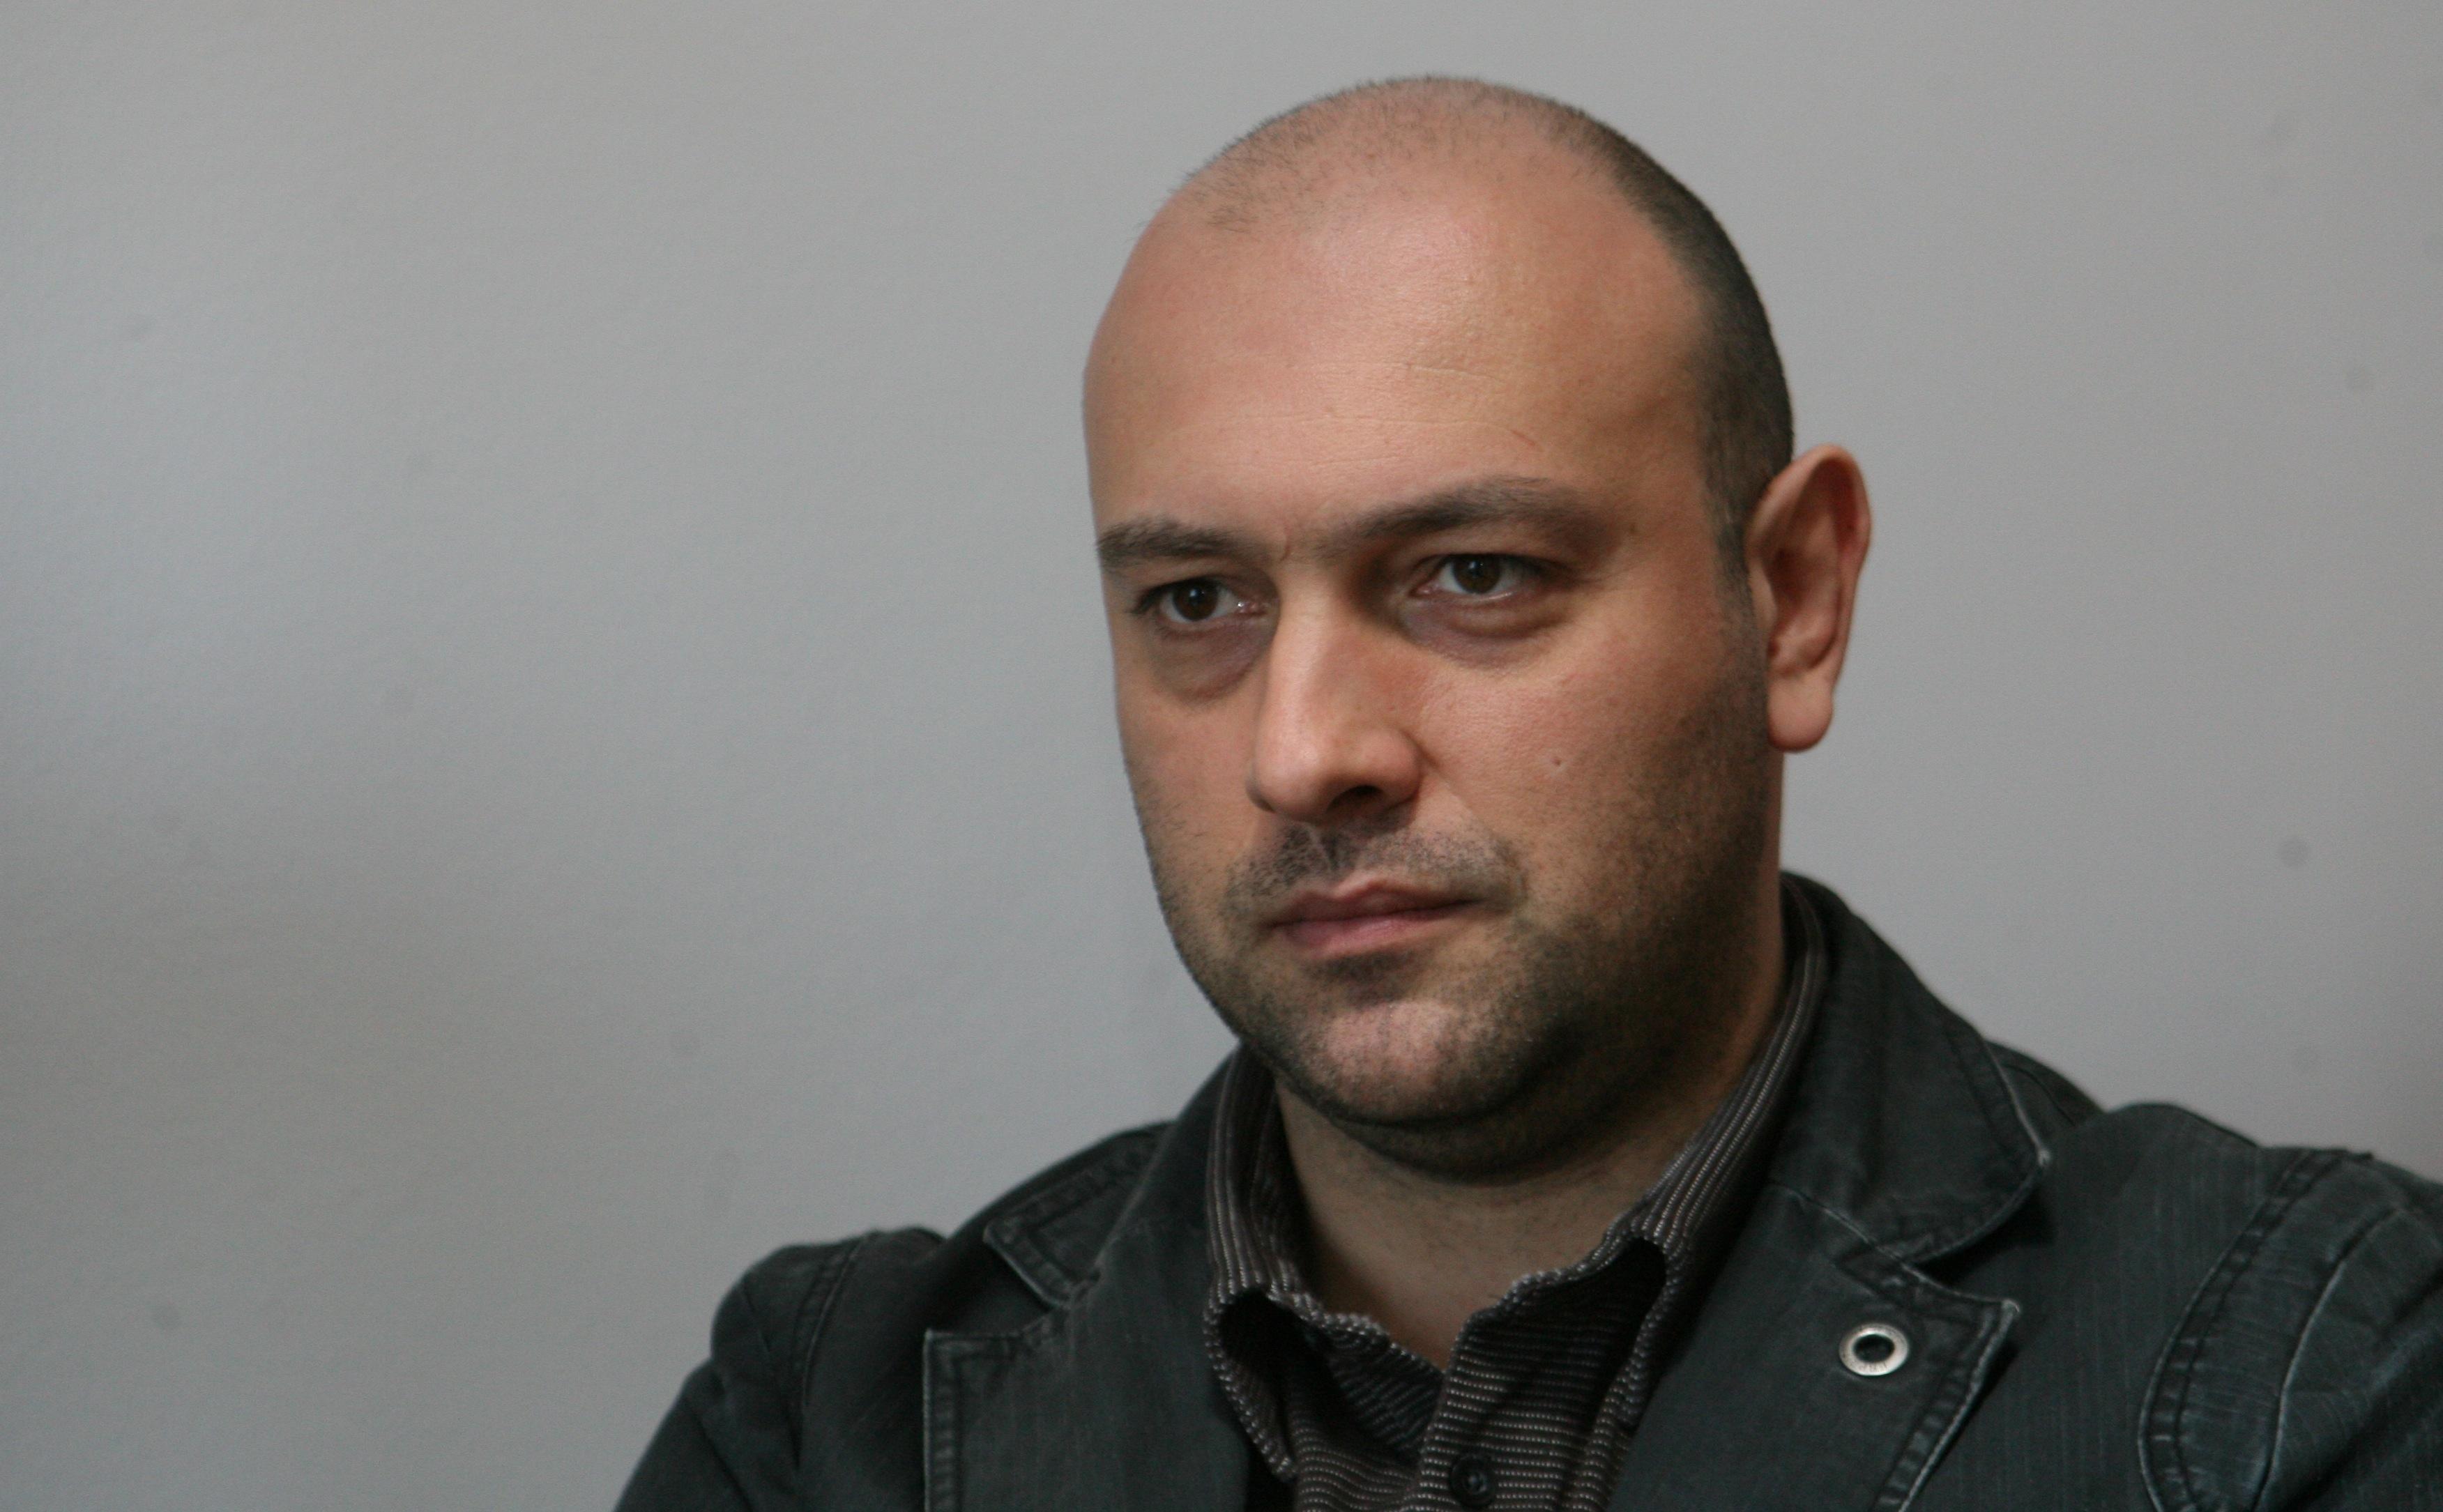 Димитър Аврамов: Йончева прави лоша услуга на БСП с Кумгейт